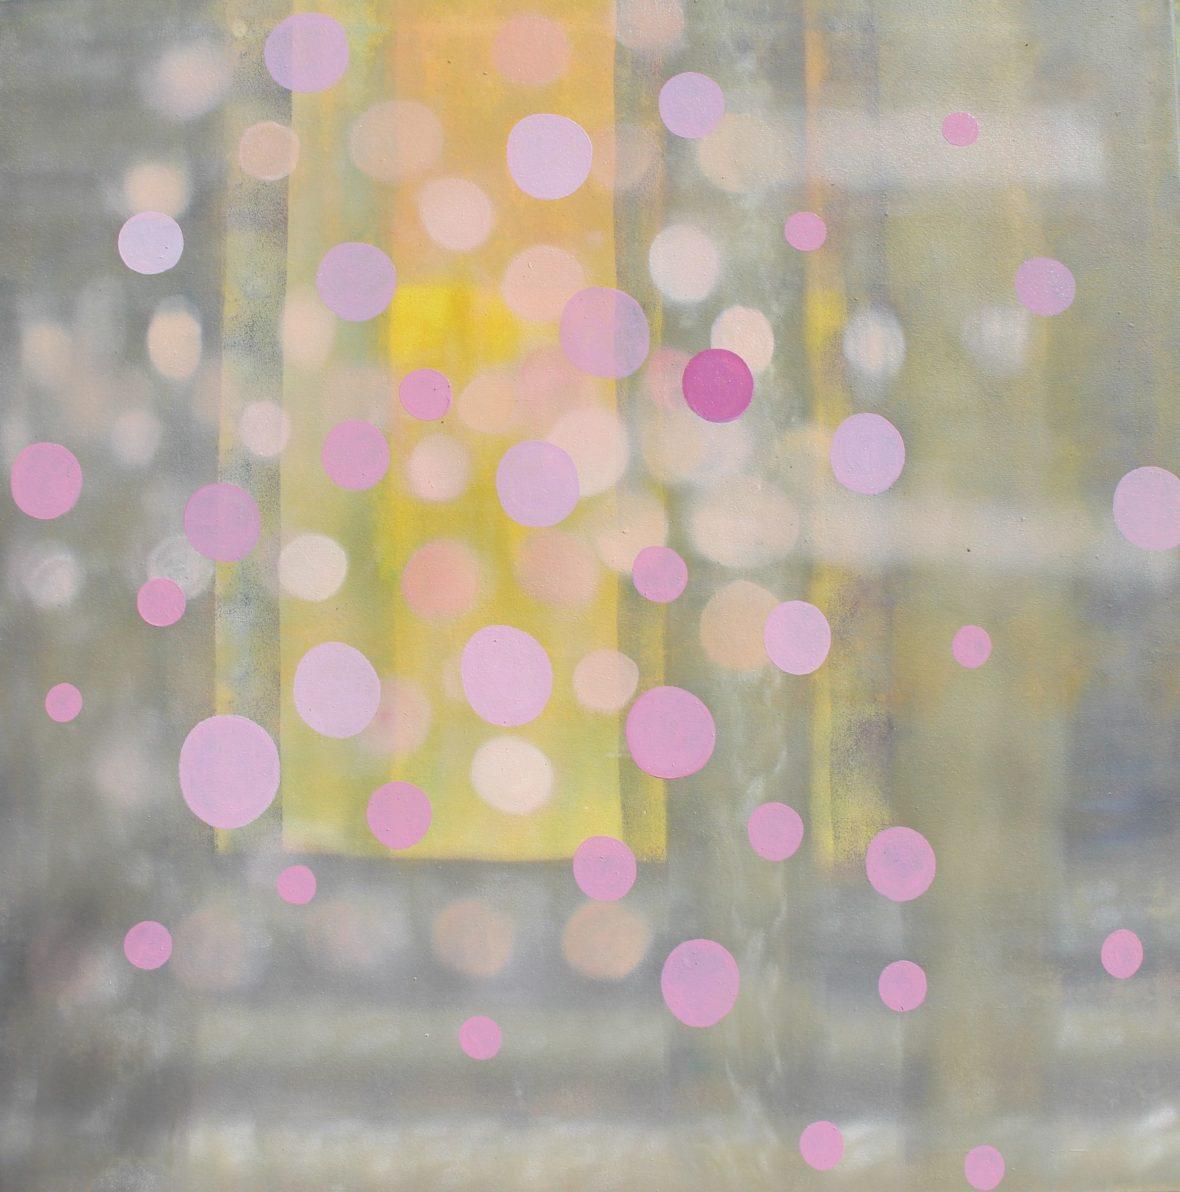 Sarjasta Kaunismaailma Valot III, öljyvärimaalaus, 100x100cm, 2017-18